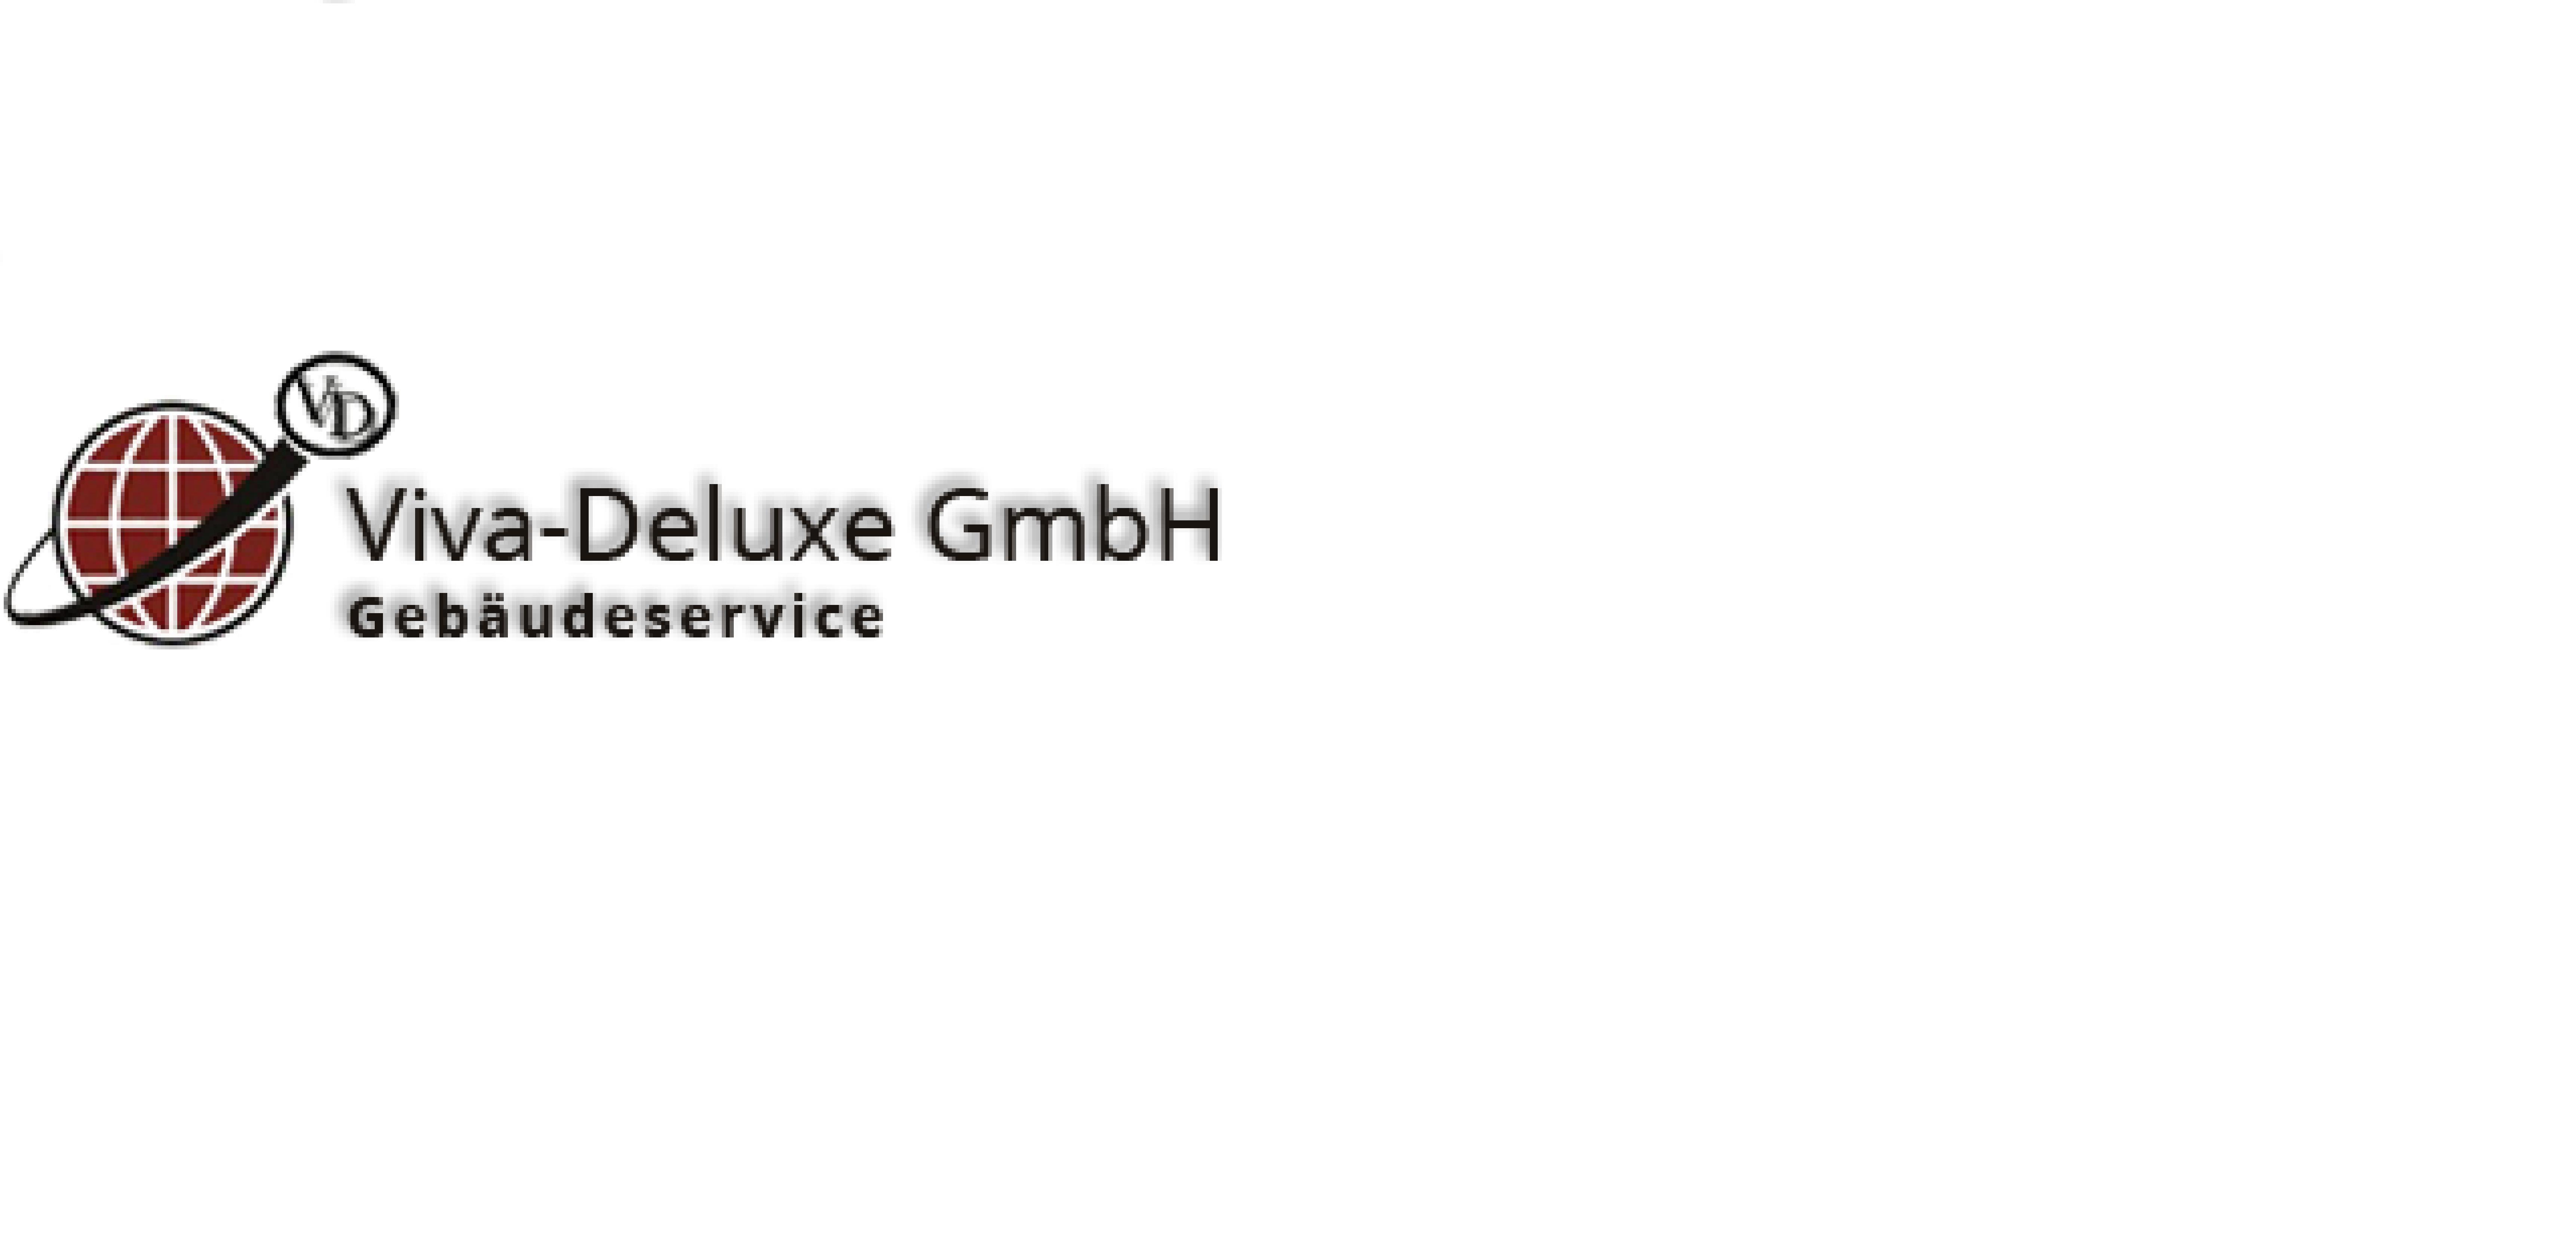 Viva Deluxe GmbH